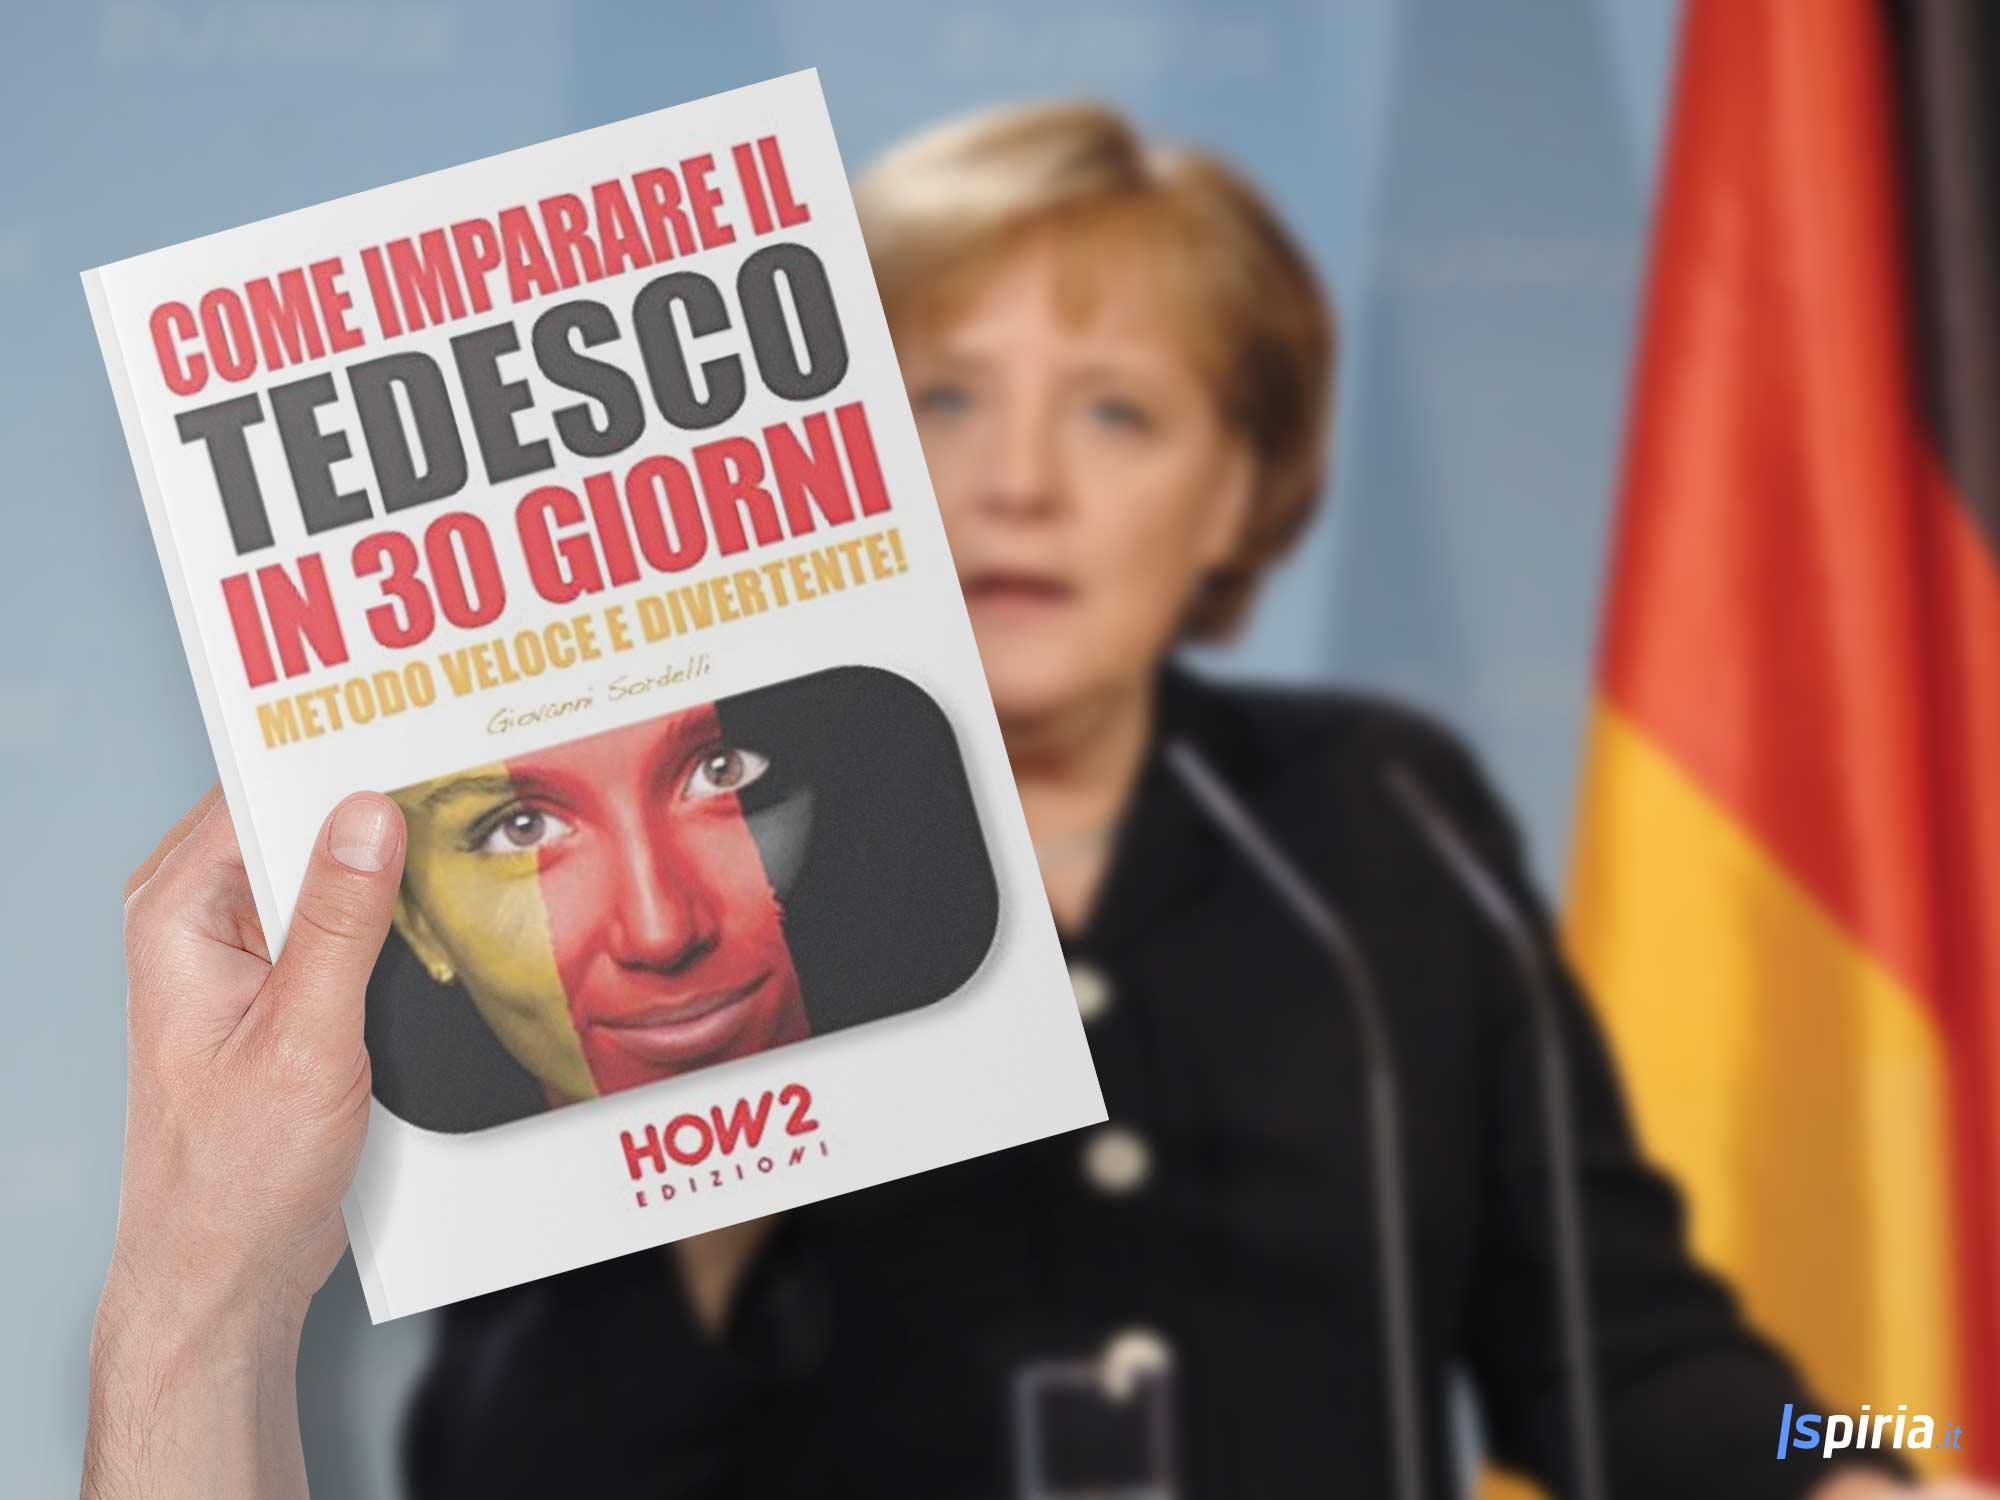 libro-per-imparare-il-tedesco-in-30-giorni